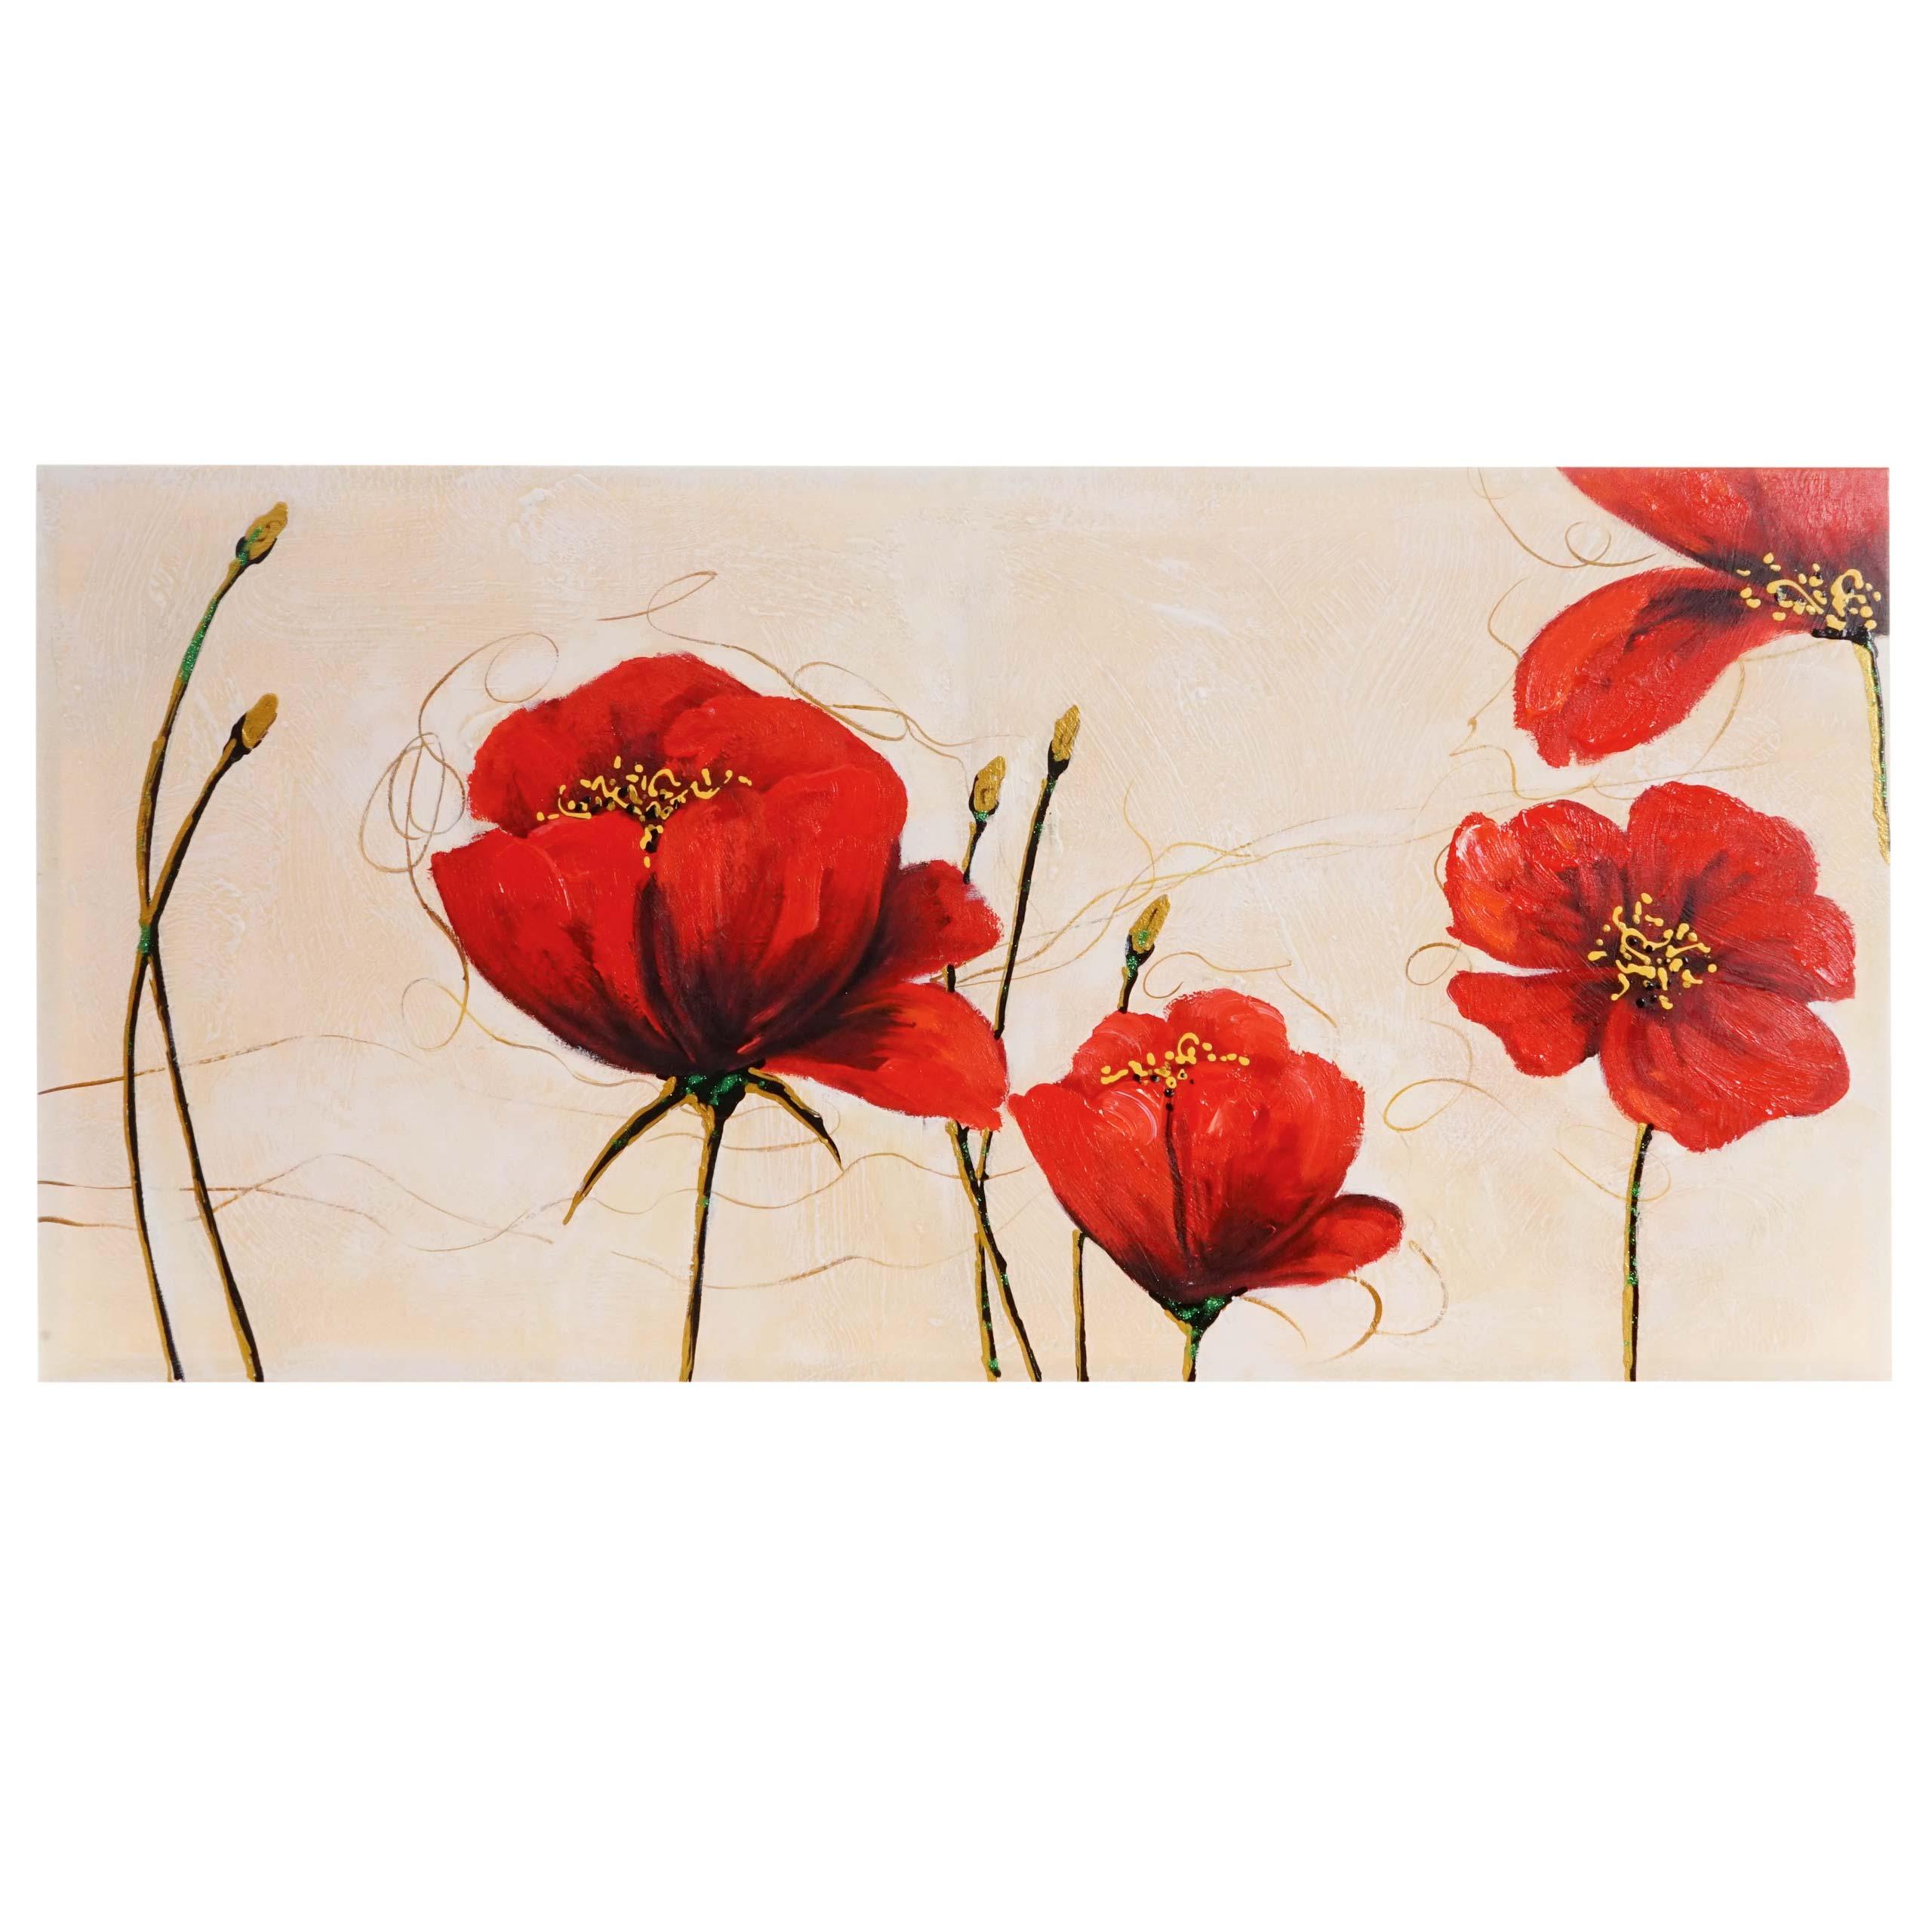 lgem lde rote mohnblumen 100 handgemalt 140x70cm kaufen bei mendler vertriebs gmbh. Black Bedroom Furniture Sets. Home Design Ideas